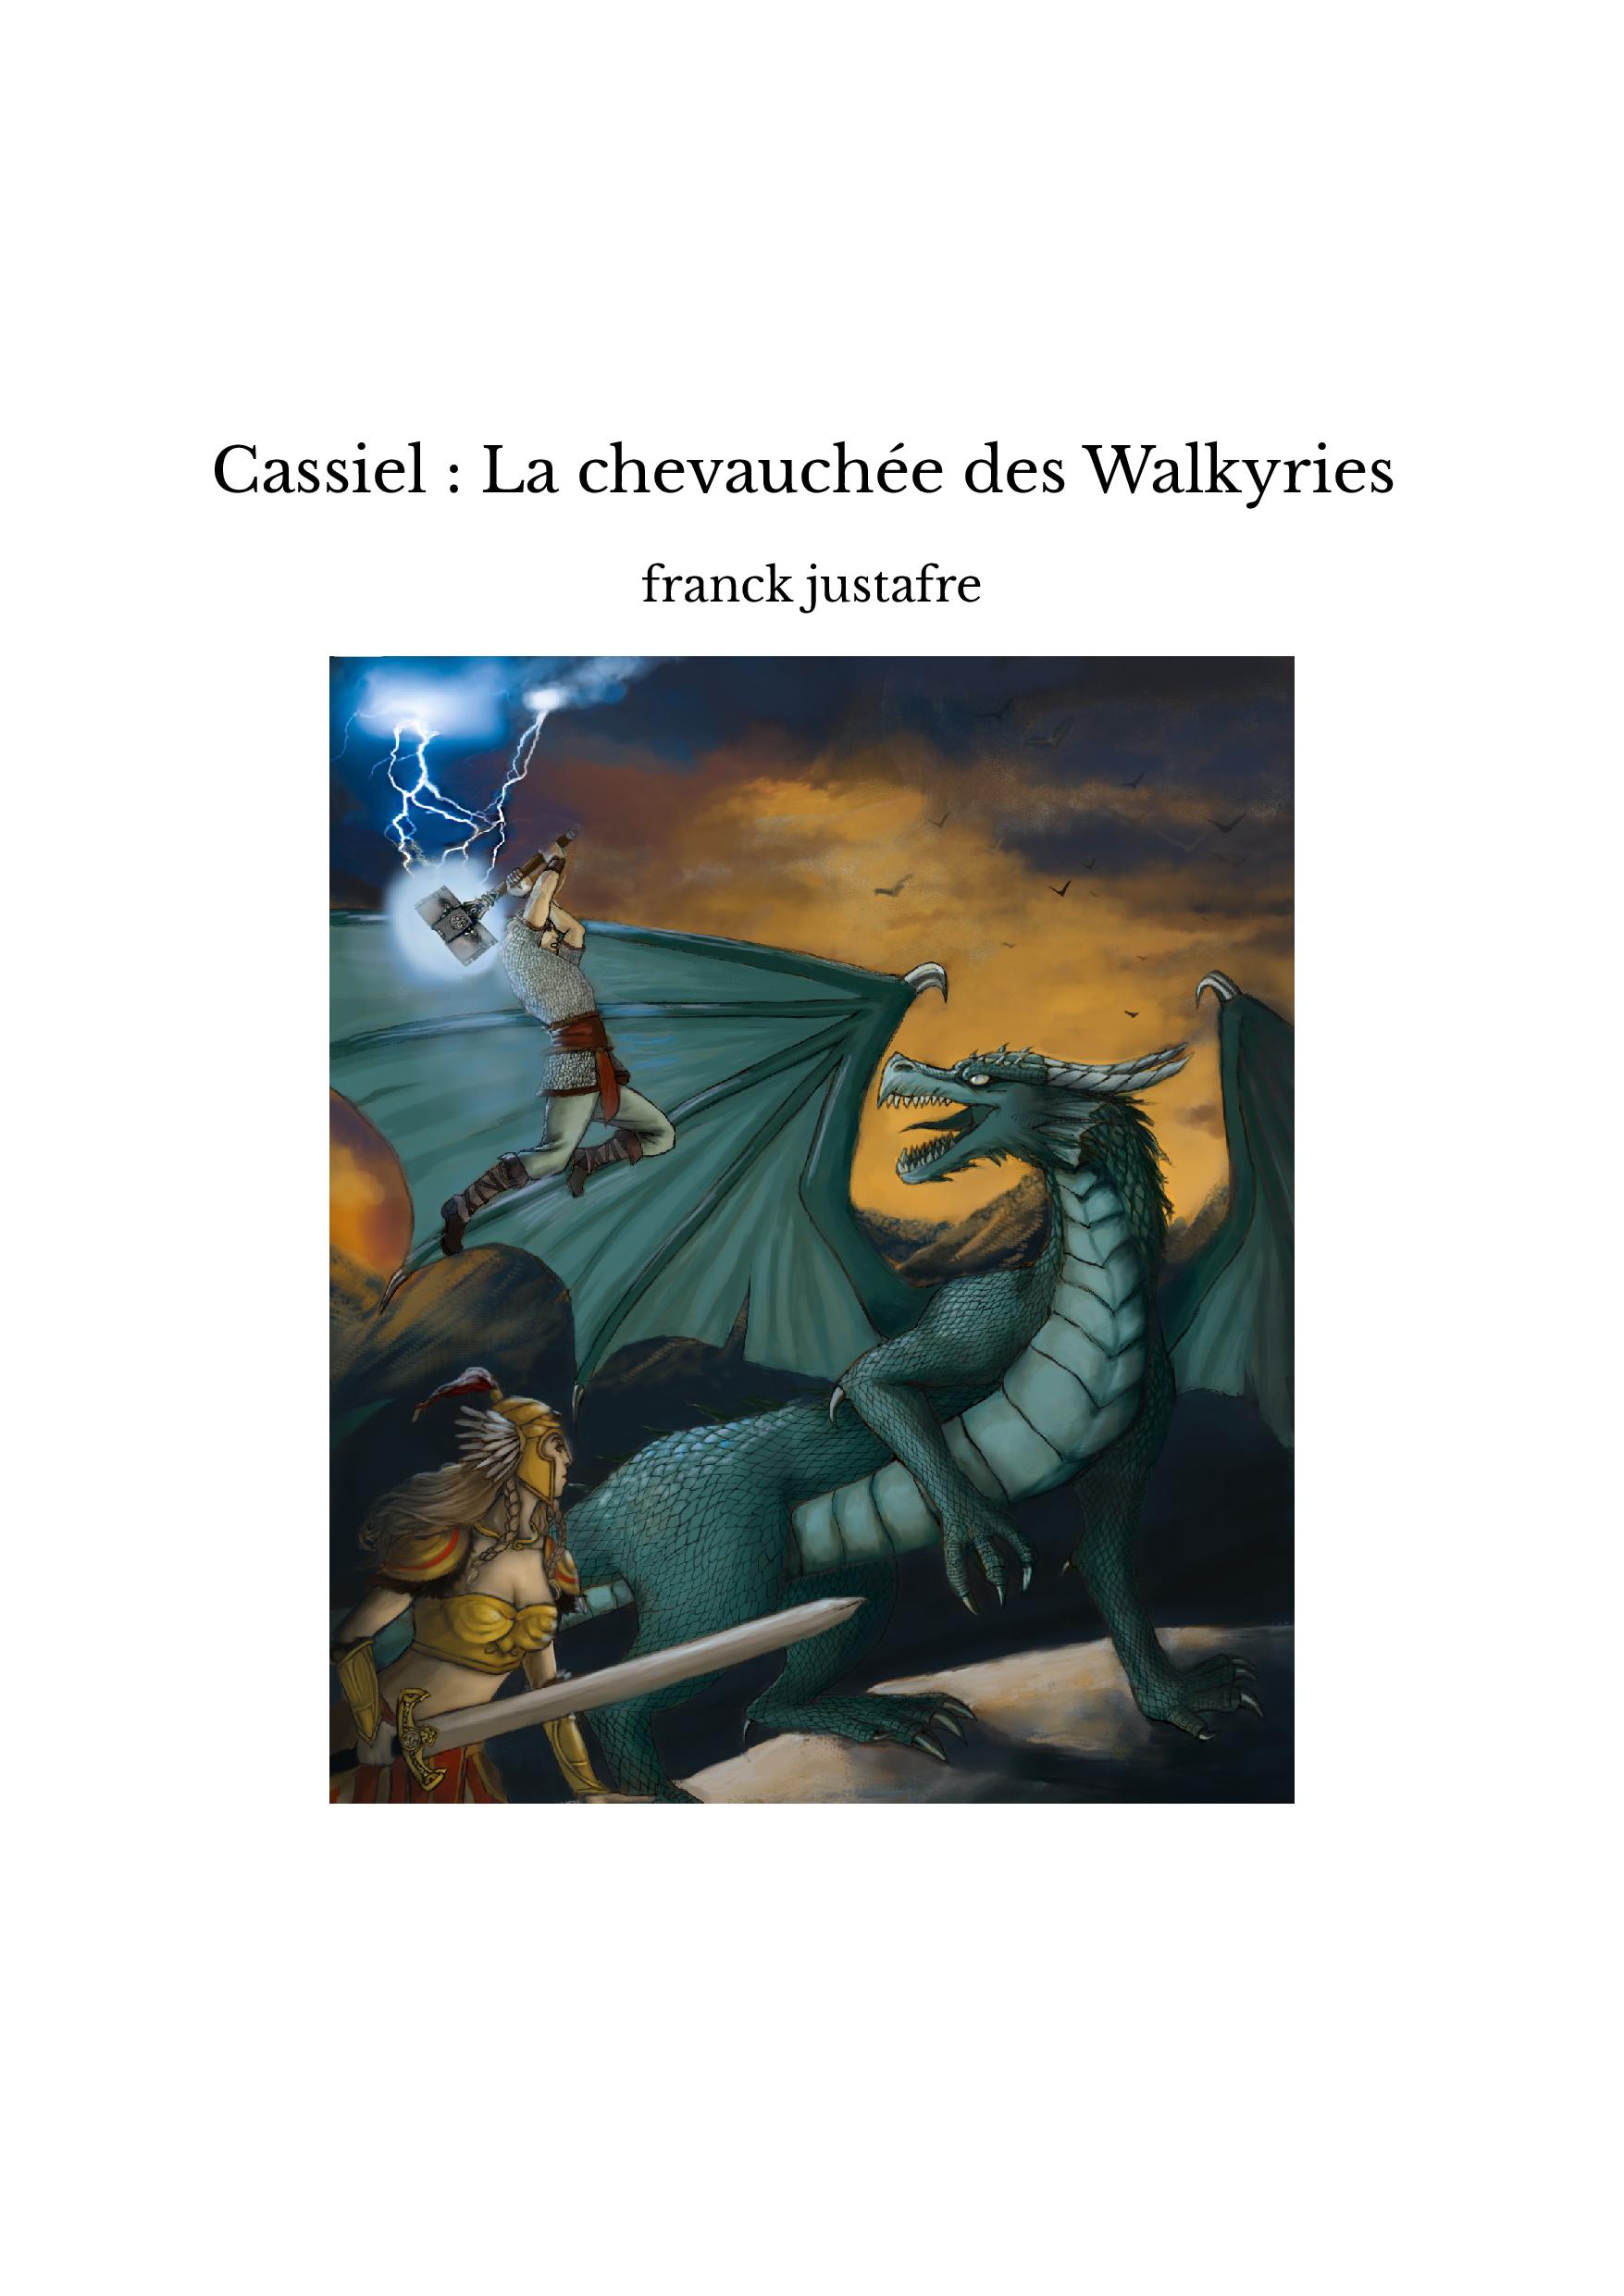 Cassiel : La chevauchée des Walkyries